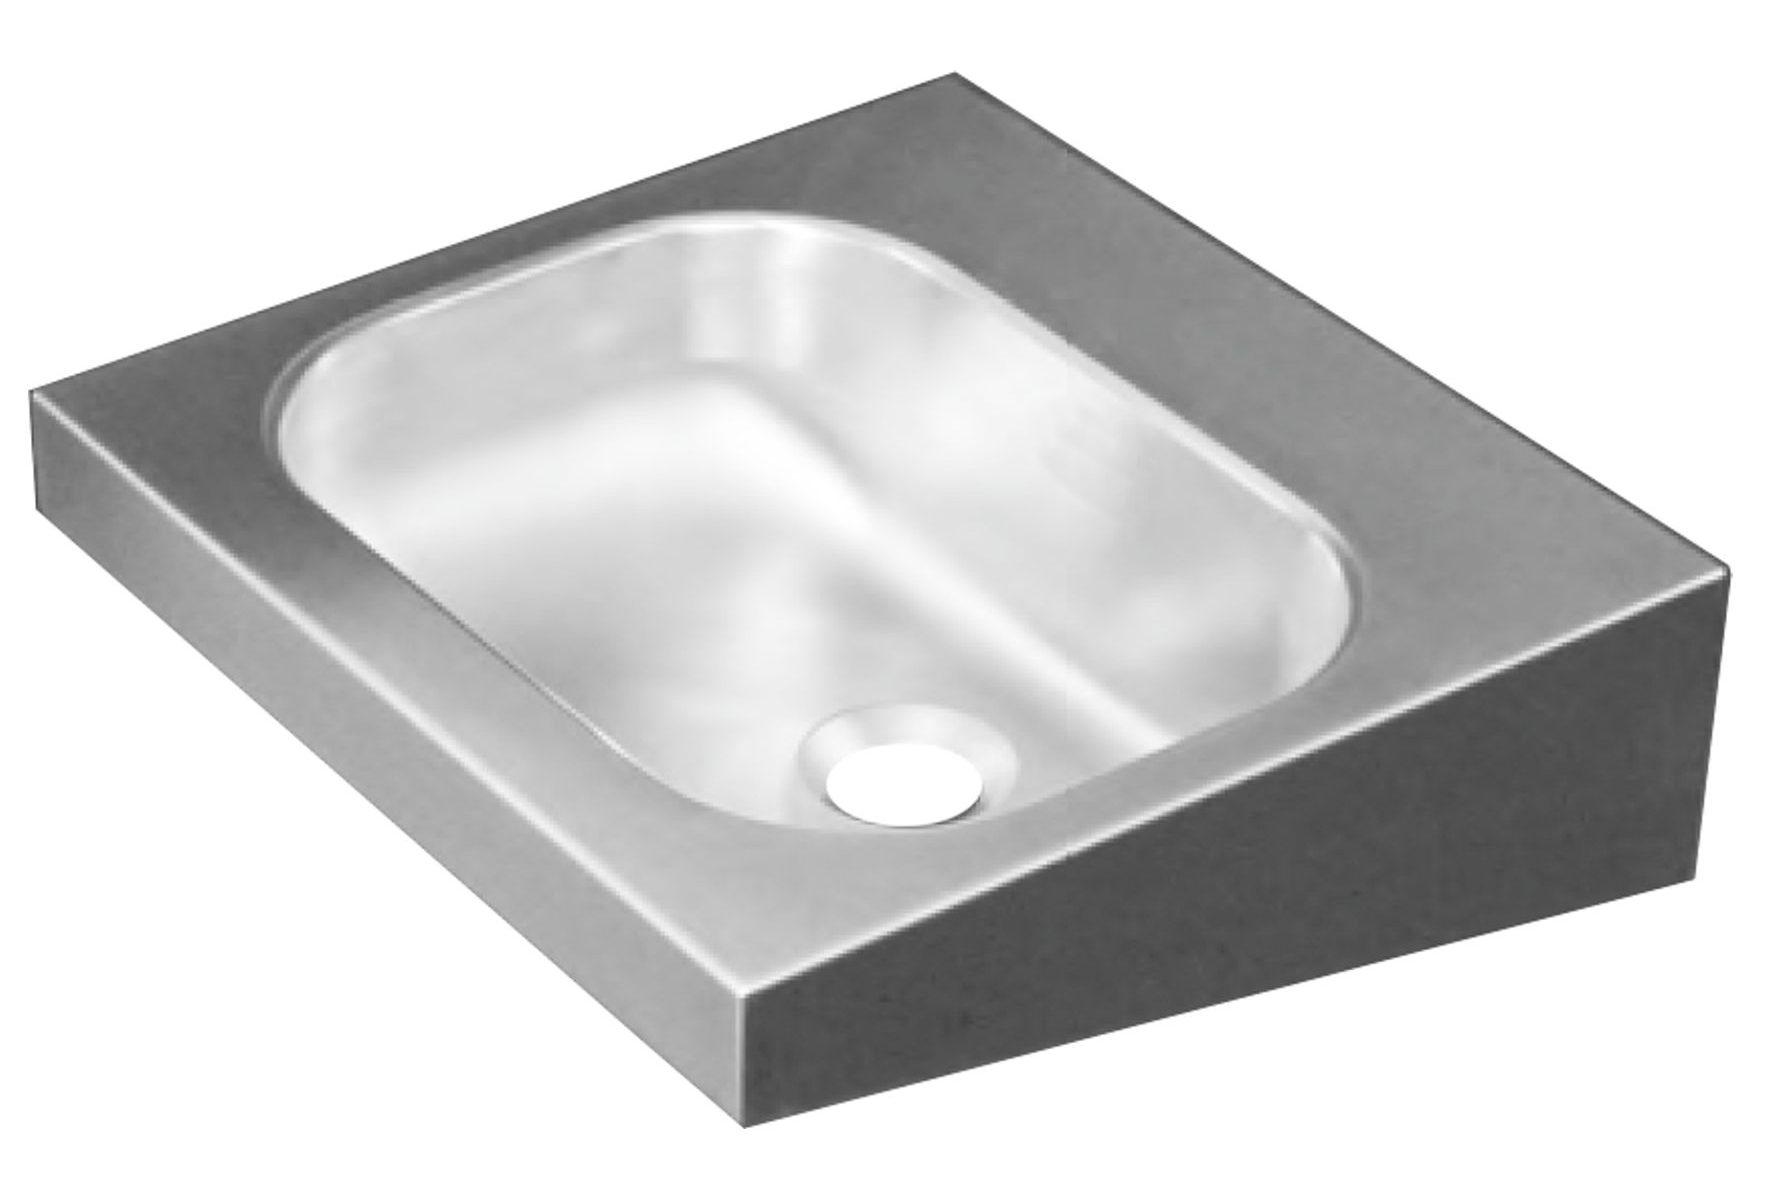 Edelstahl Waschtisch 40x38 ohne Überlauf ohne Hahnloch 35 mm